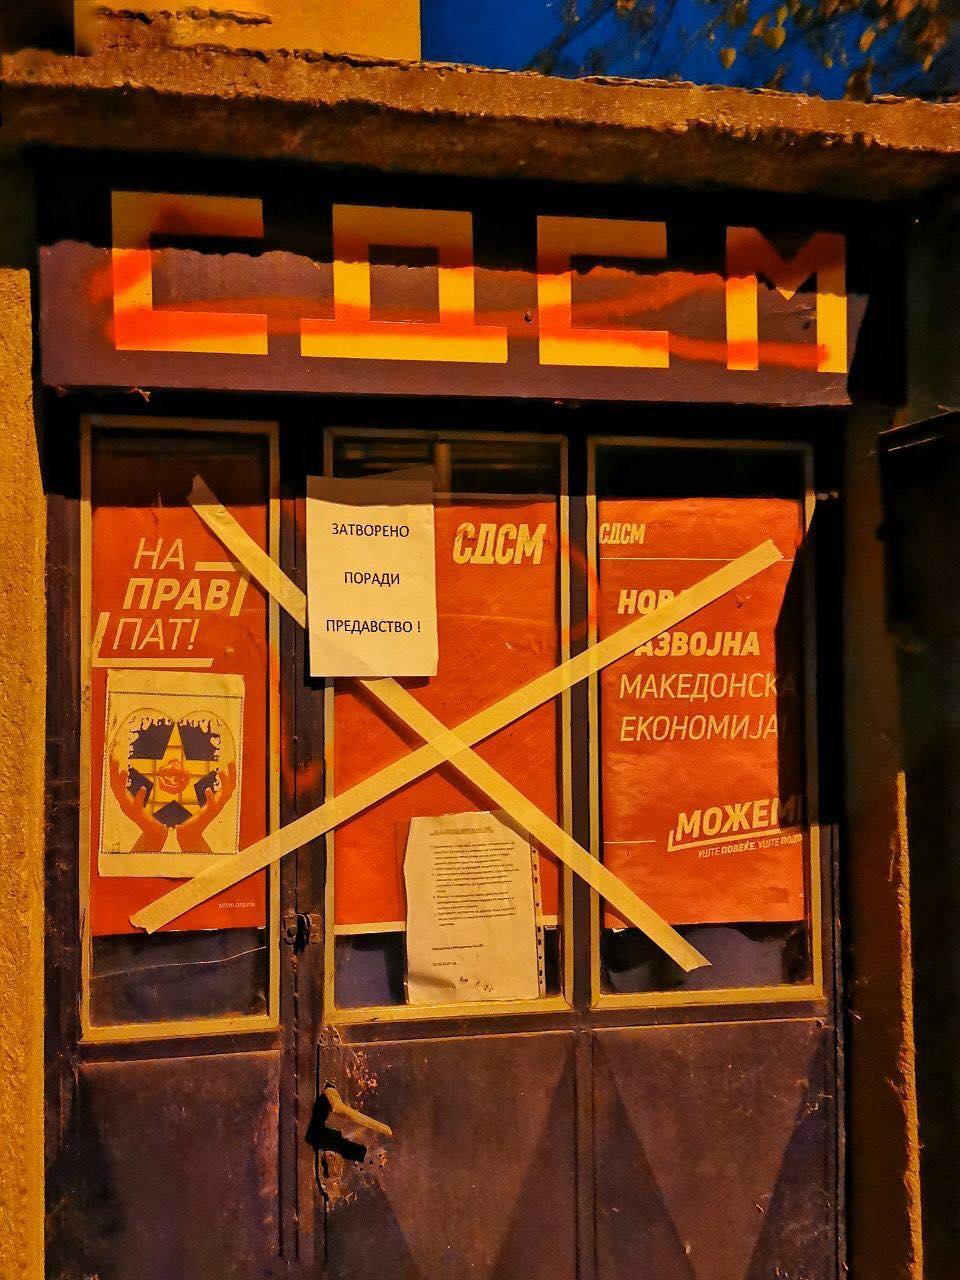 СИТЕ СЕ СРАМАТ ОД ЗАЕВ- пред штабовите на СДСМ осамна порака до нивниот лидер: Затворено поради предавство (ФОТО)